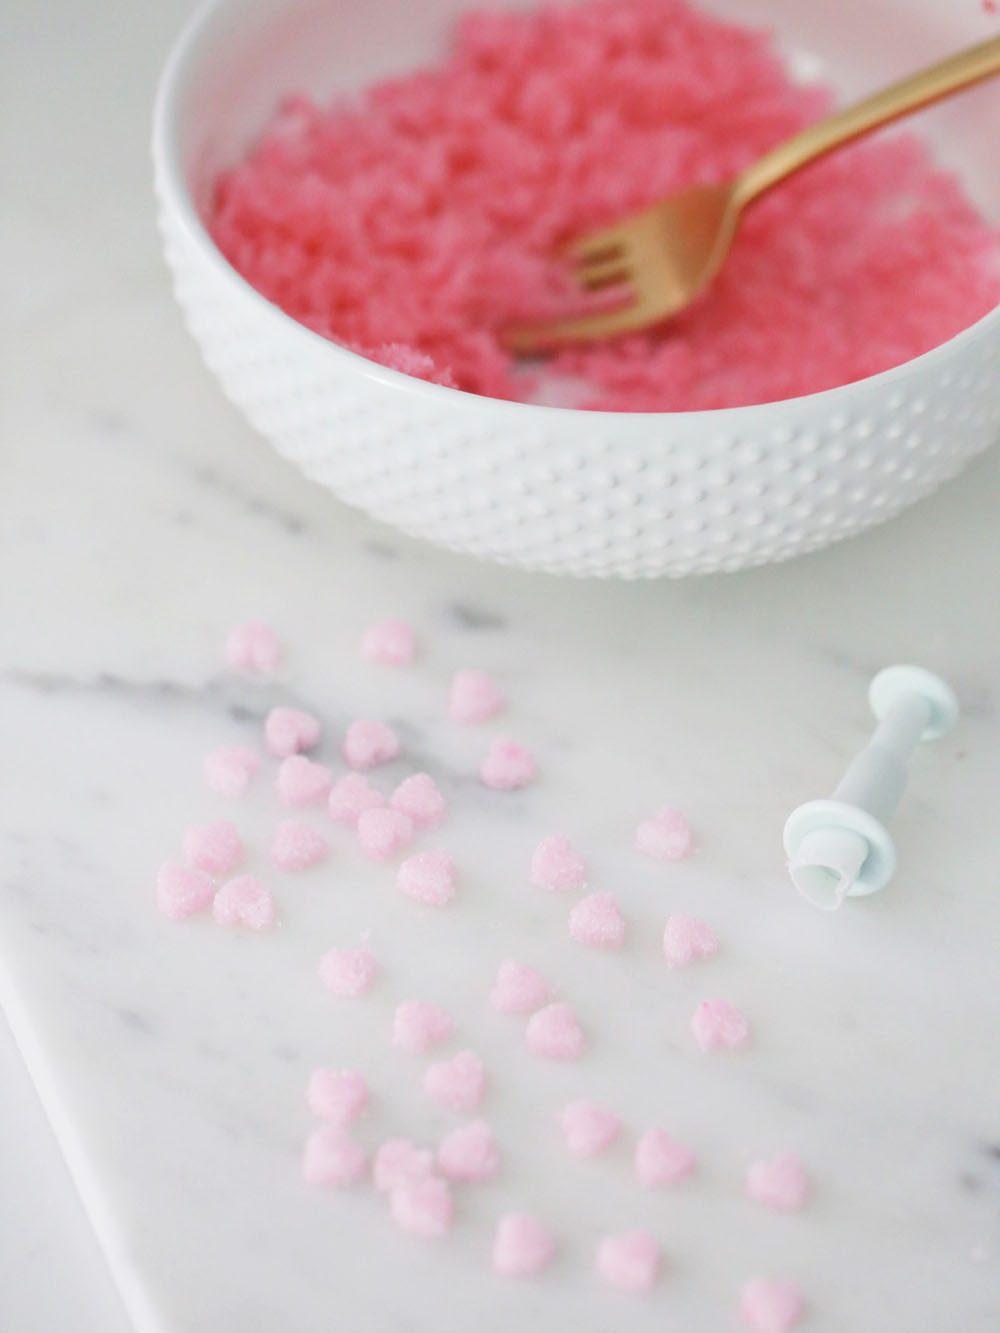 jillian-harris-erin-sousa-valentine-sugar-hearts-8